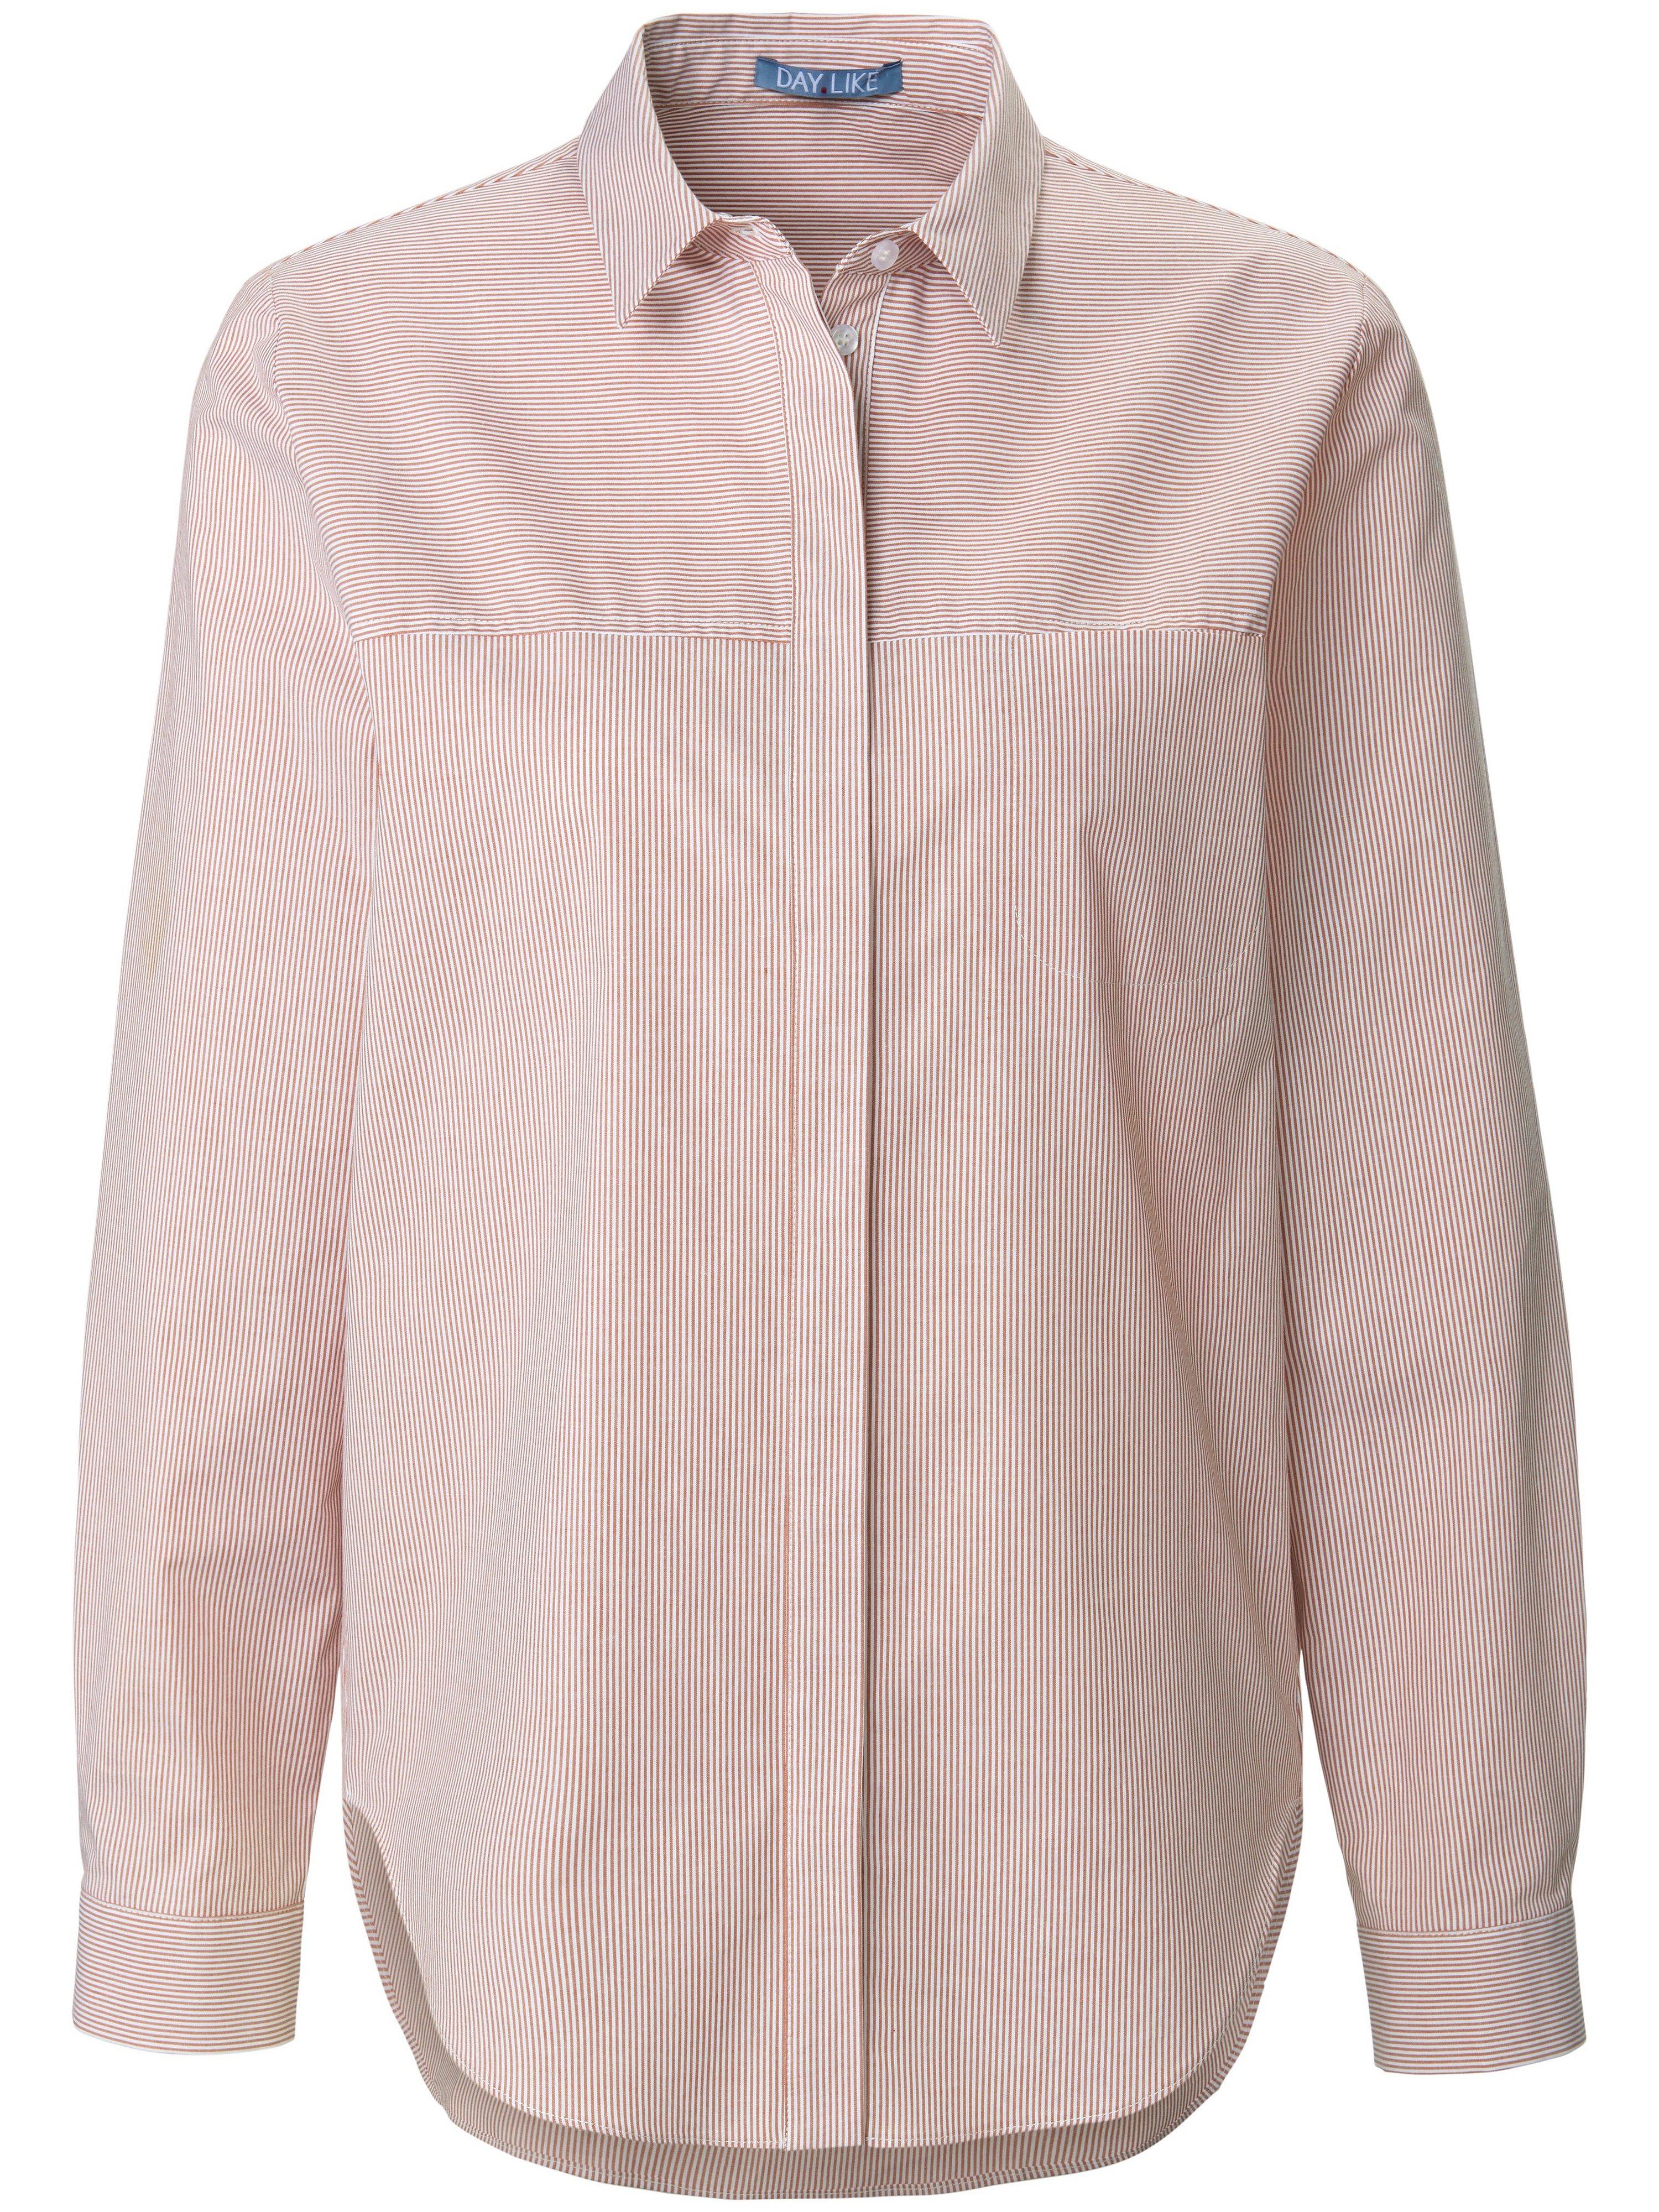 Lange blouse lange mouwen Van DAY.LIKE wit